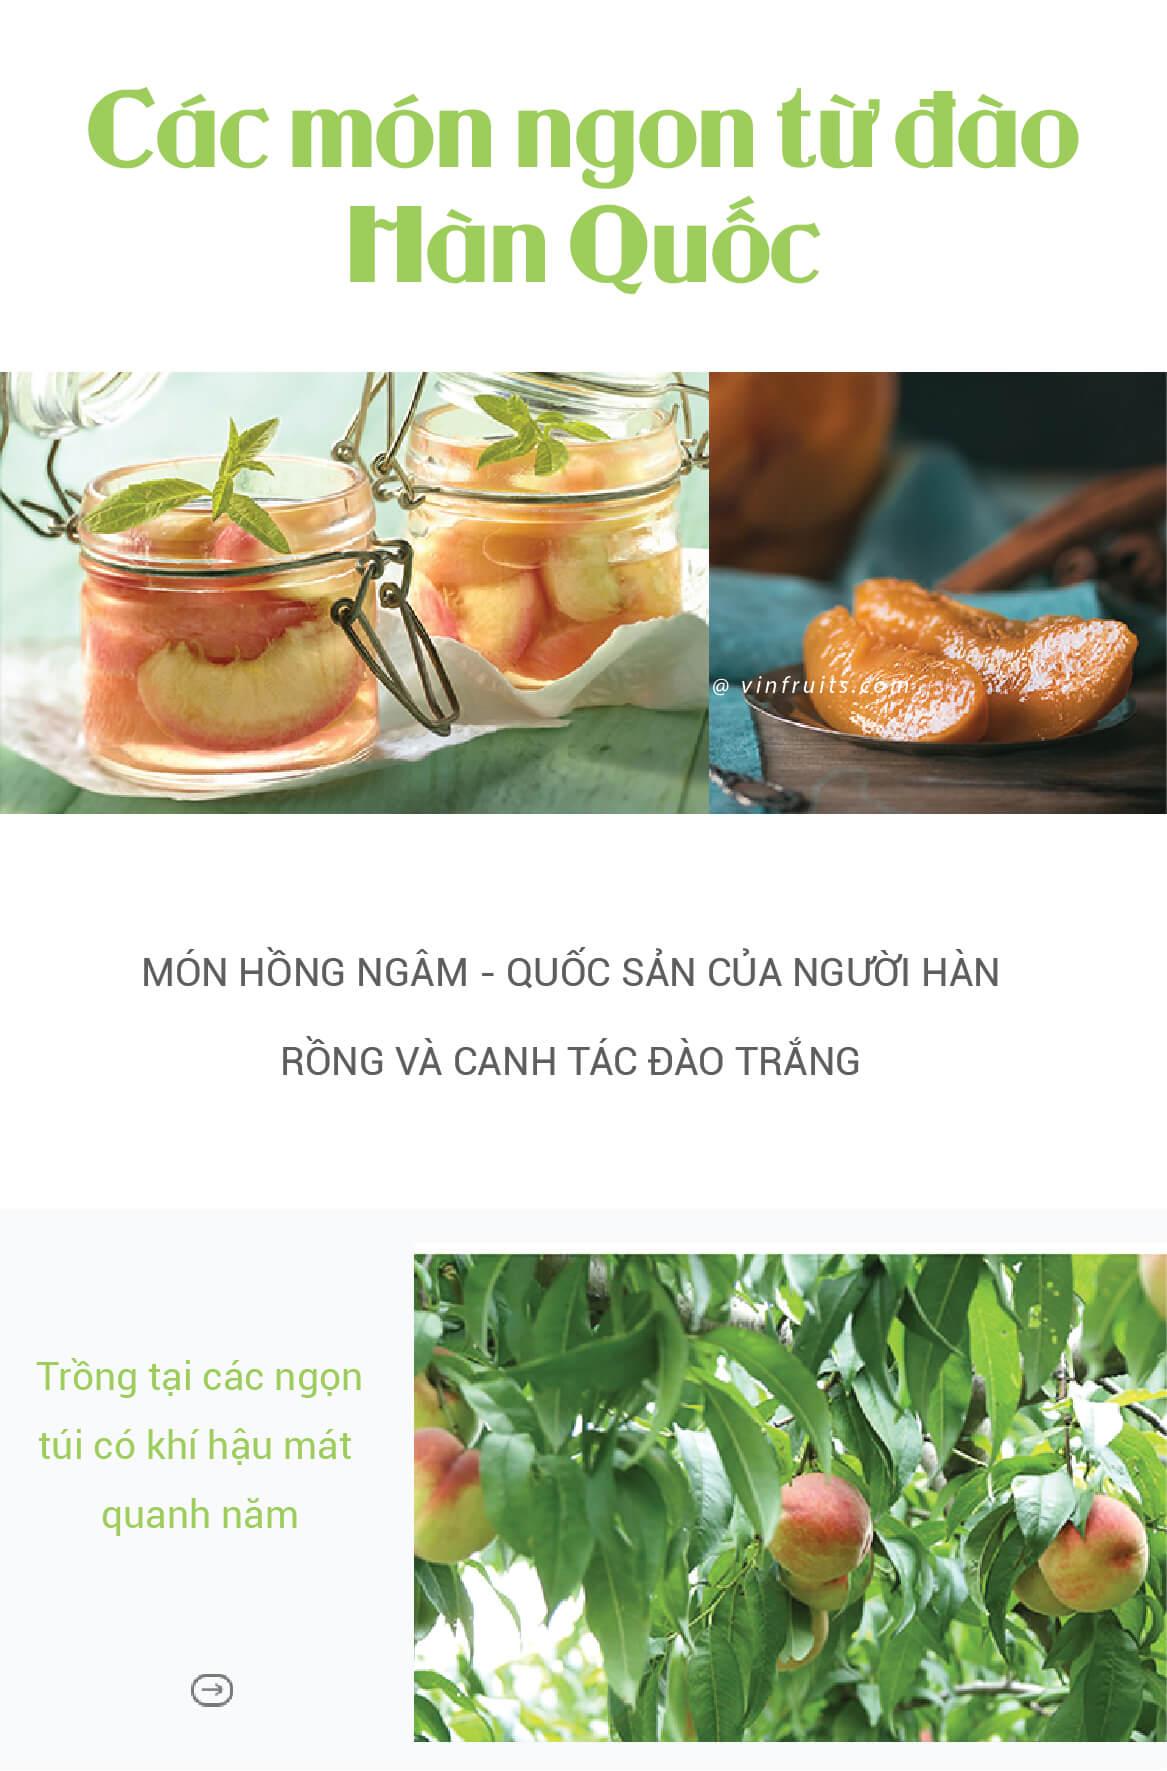 Qua dao Han Quoc - vinfruits 3